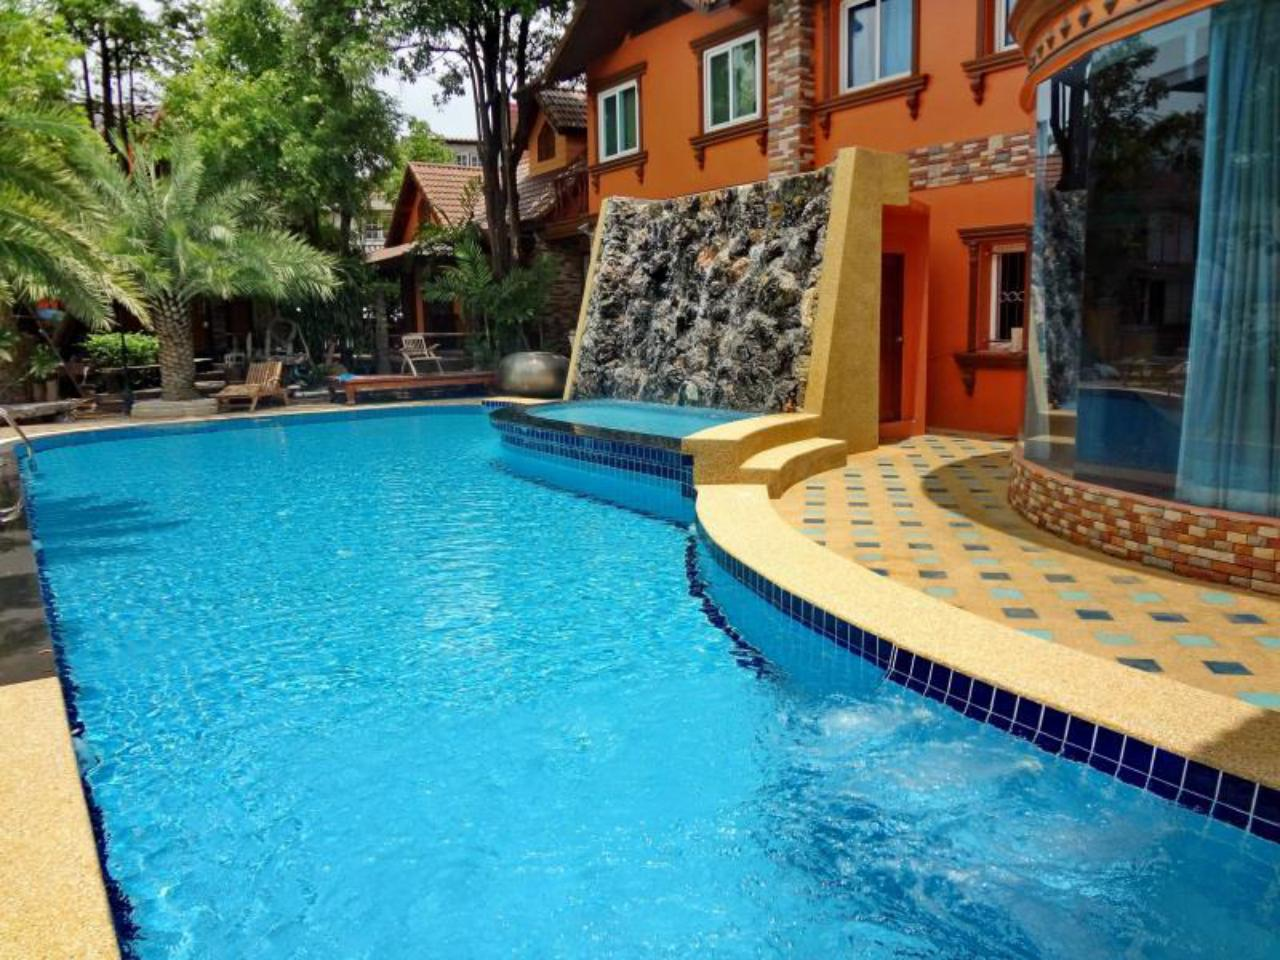 คุณศรี รีสอร์ท อาร์ต บูทิก โฮเต็ล (Khunsri Resort Art Boutique Hotel)